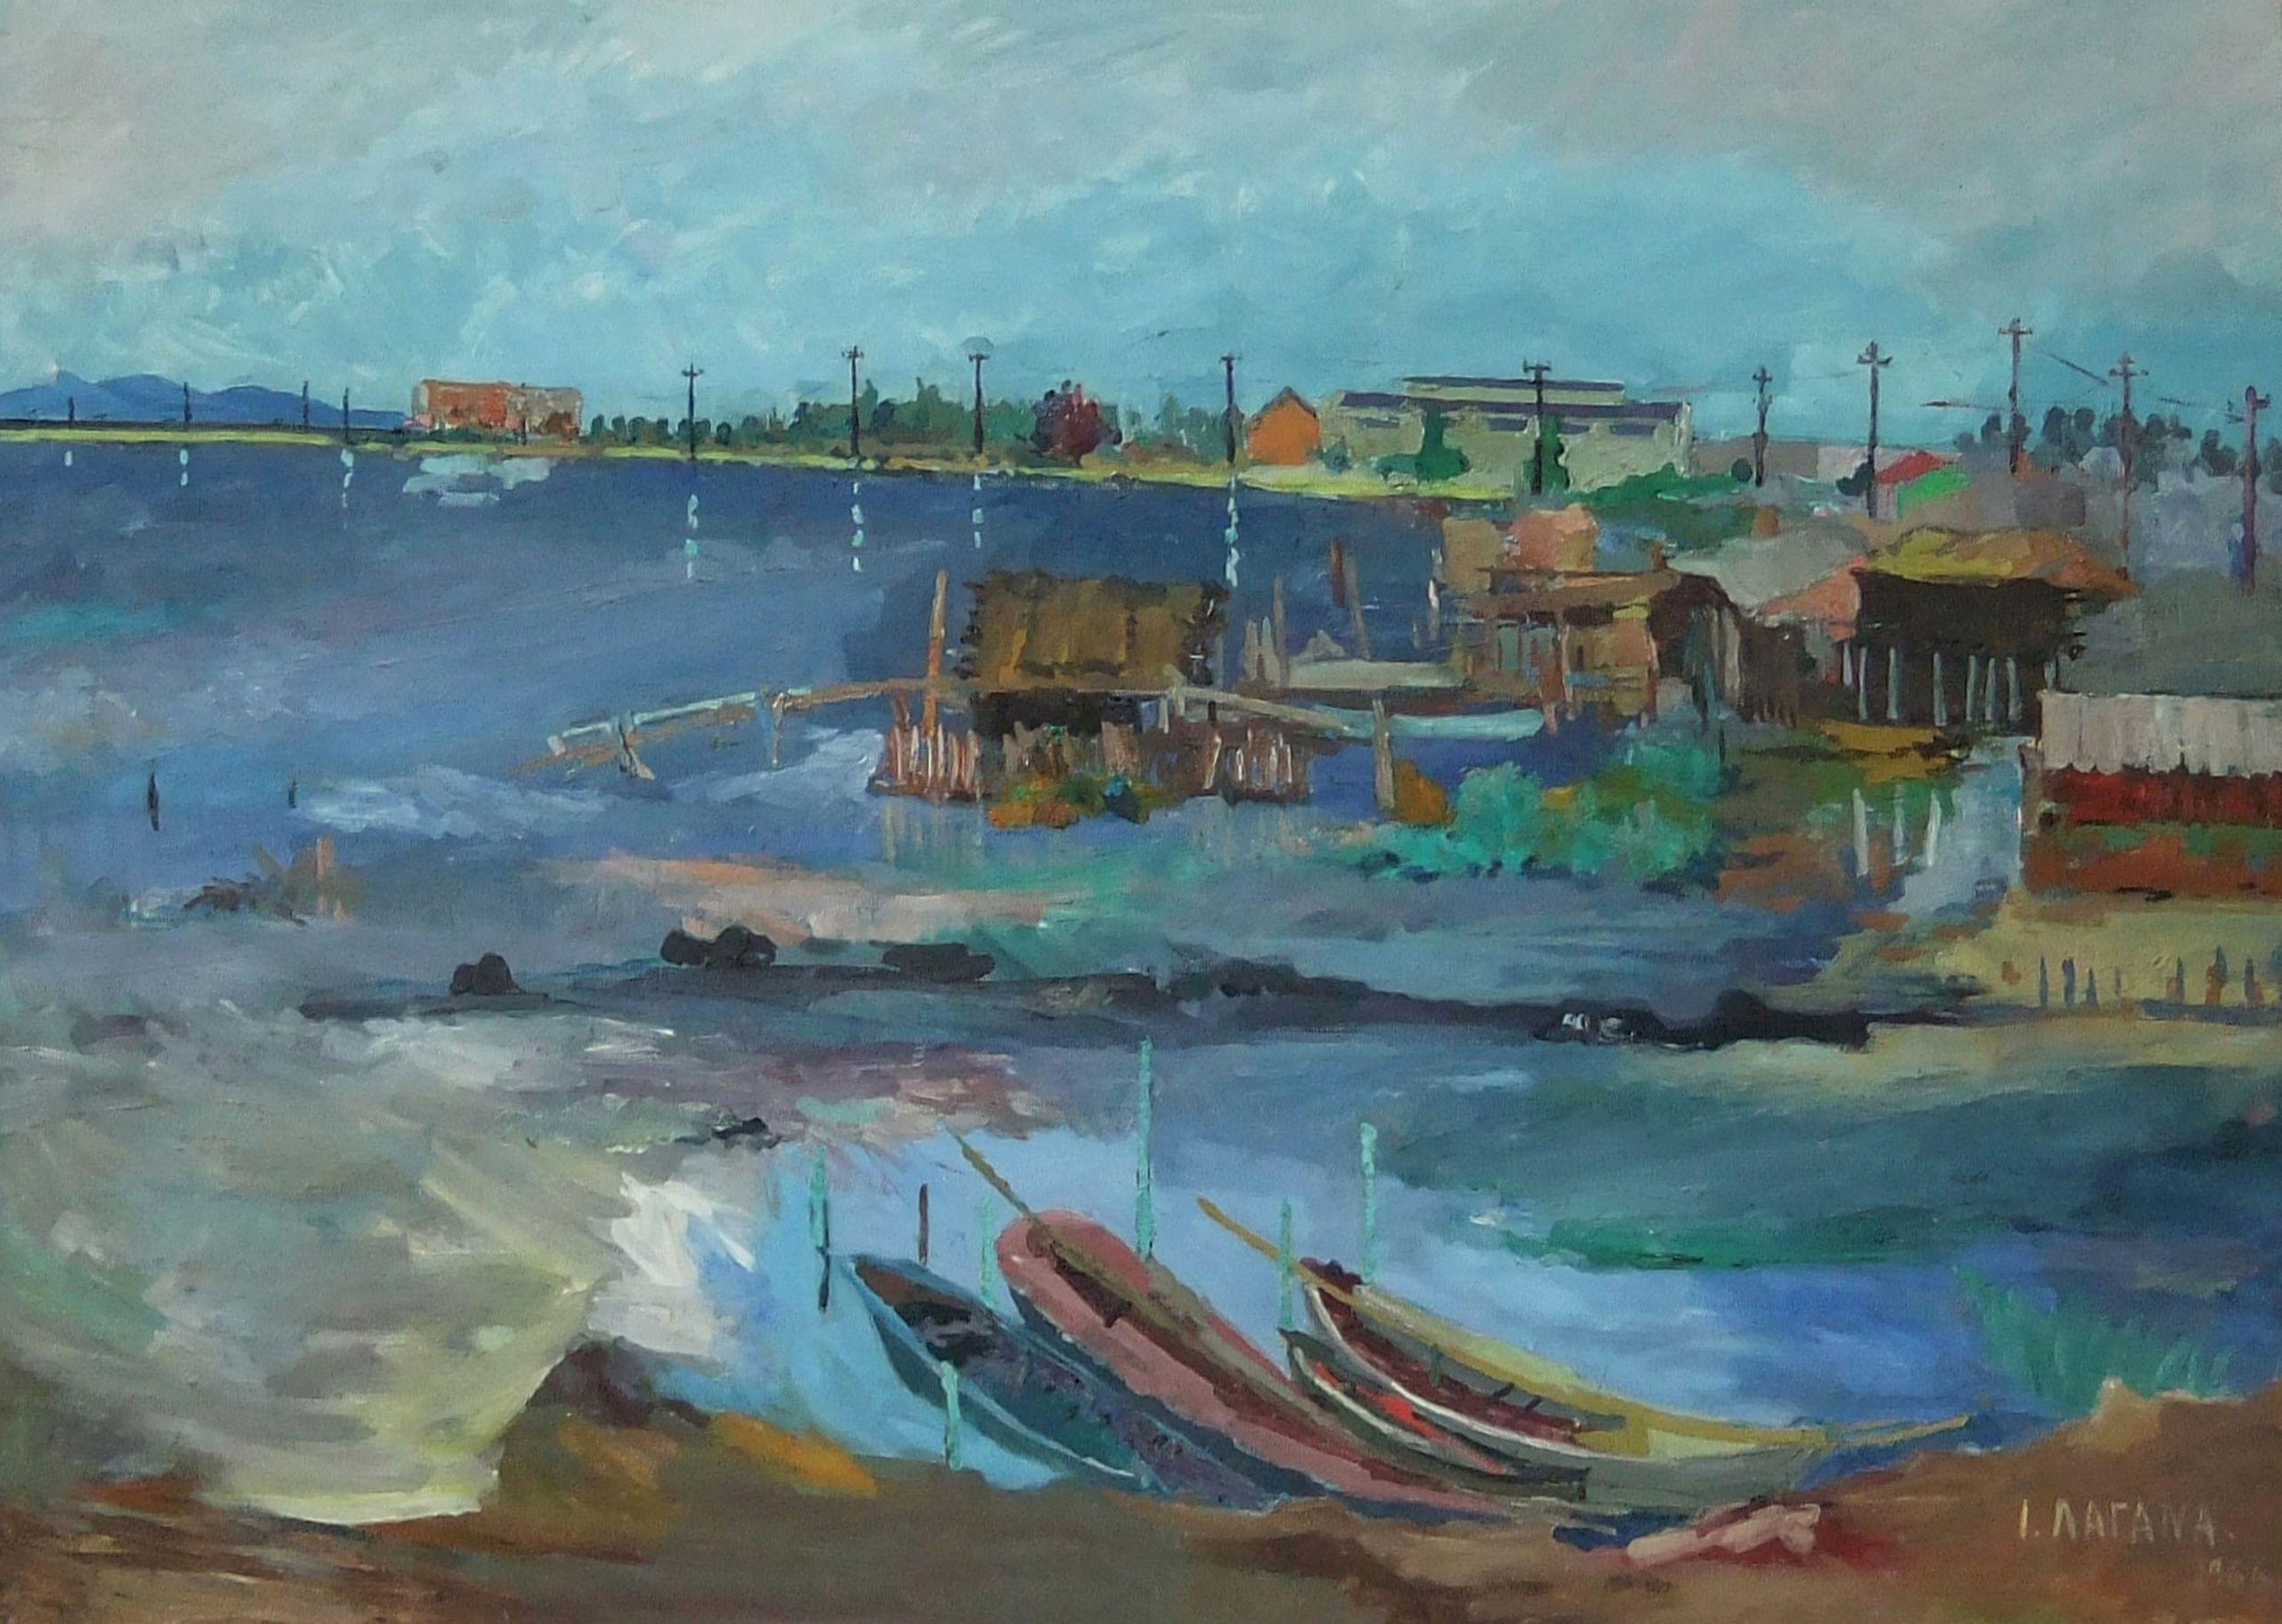 ΛΑΓΑΝΑ Ιφιγένεια (1915 - 2003)